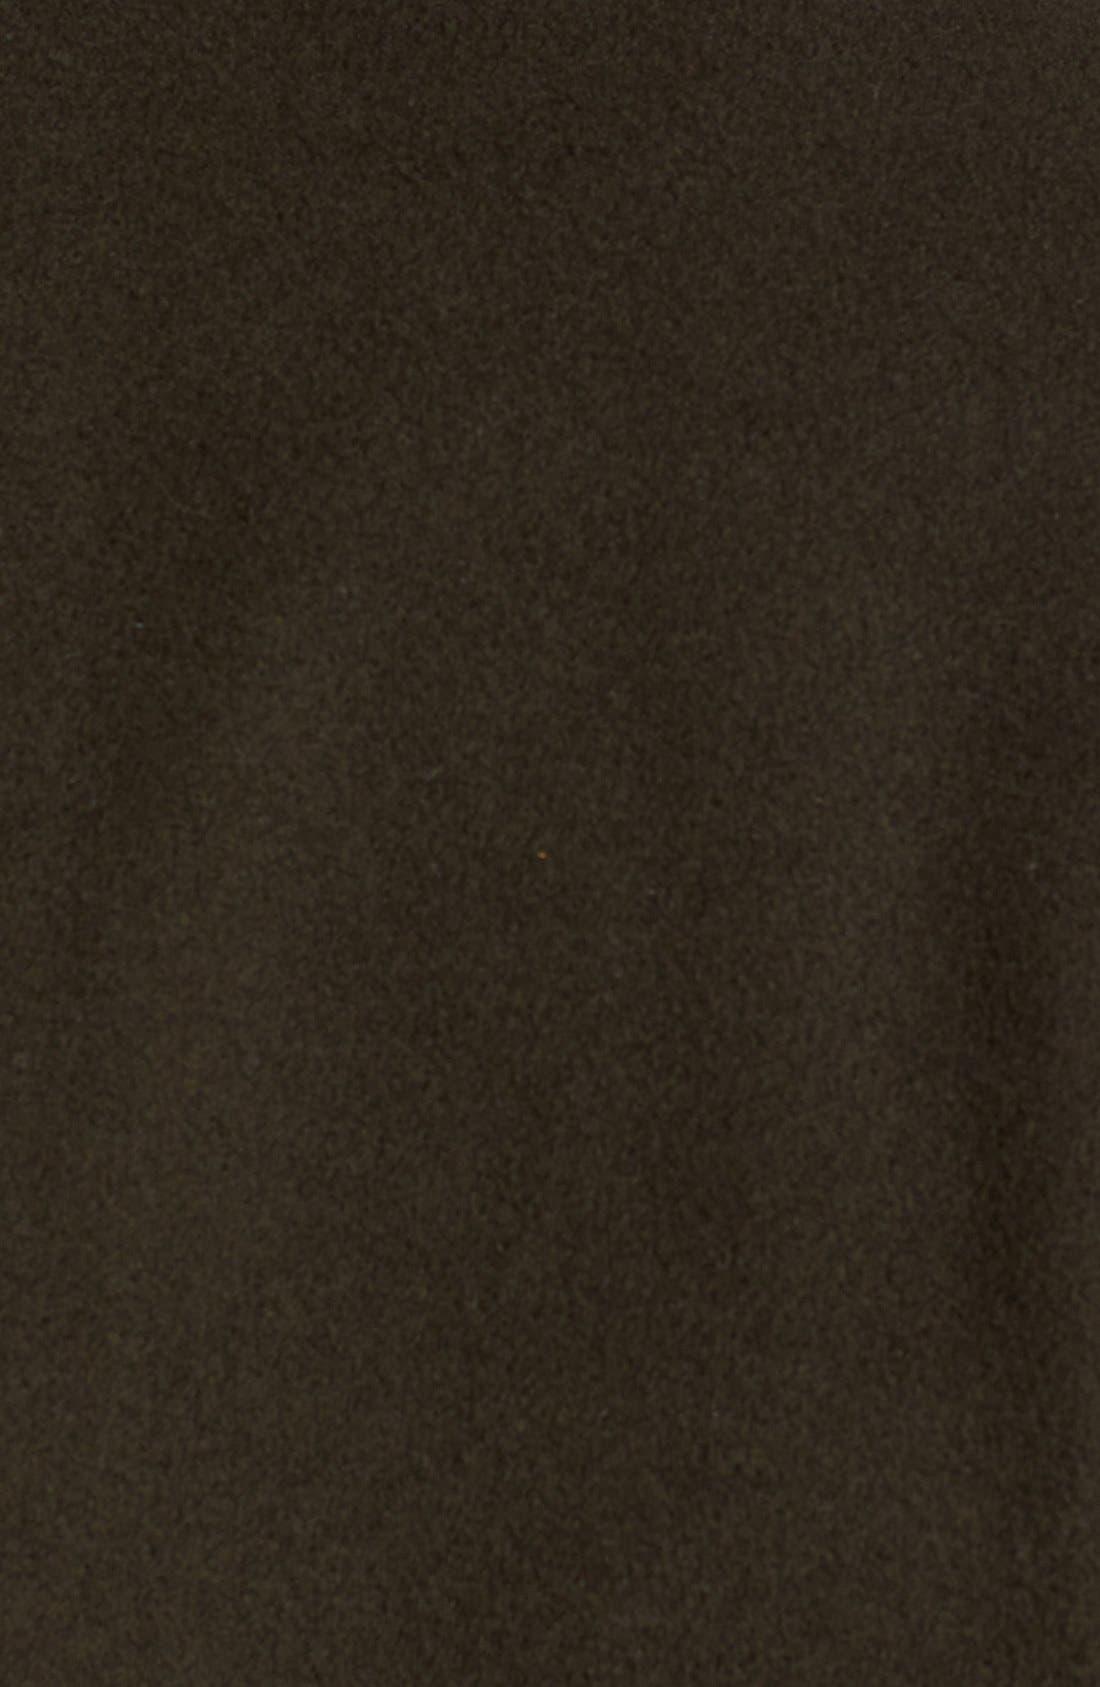 Italian Wool Blend Overcoat,                             Alternate thumbnail 12, color,